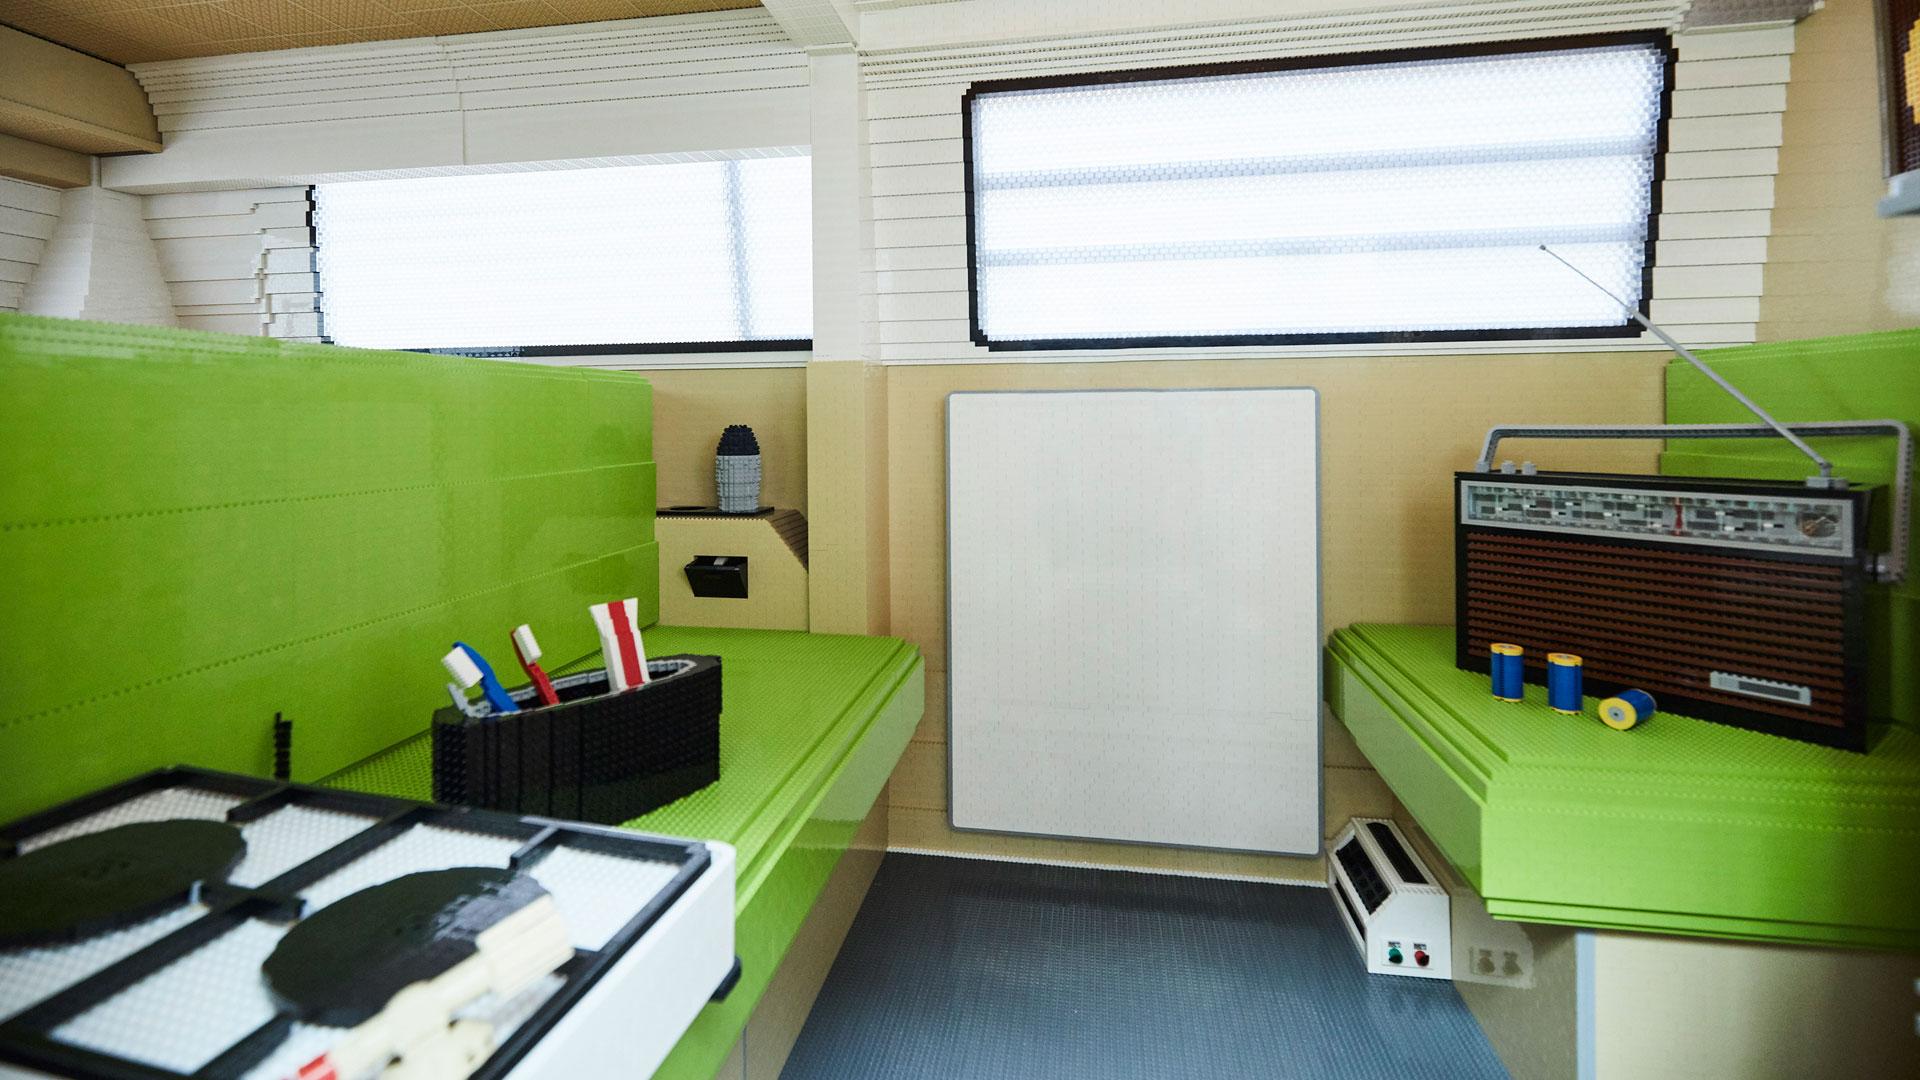 Lego camper interior